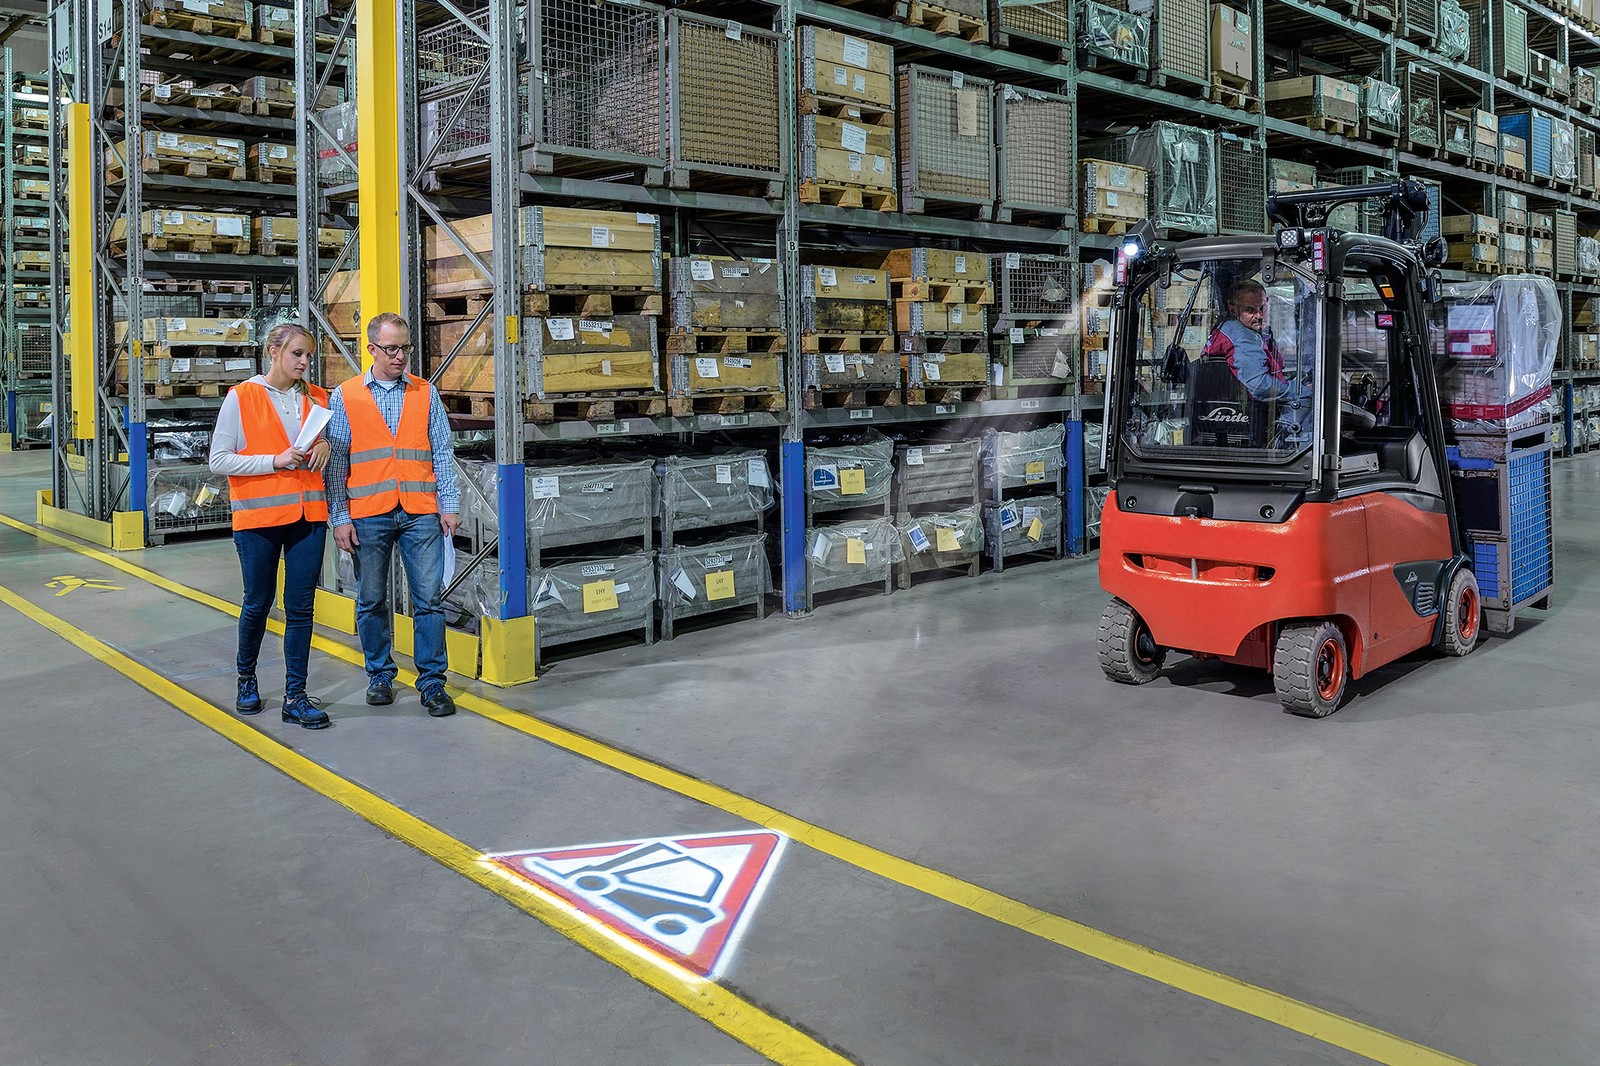 Der Linde Truck Spot ist eine Weiterentwicklung des Blue Spots. Das optische Warnsystem projiziert ein rotes Dreieck hinter sich auf den Boden und weist andere Personen auf einen nahenden Stapler hin.